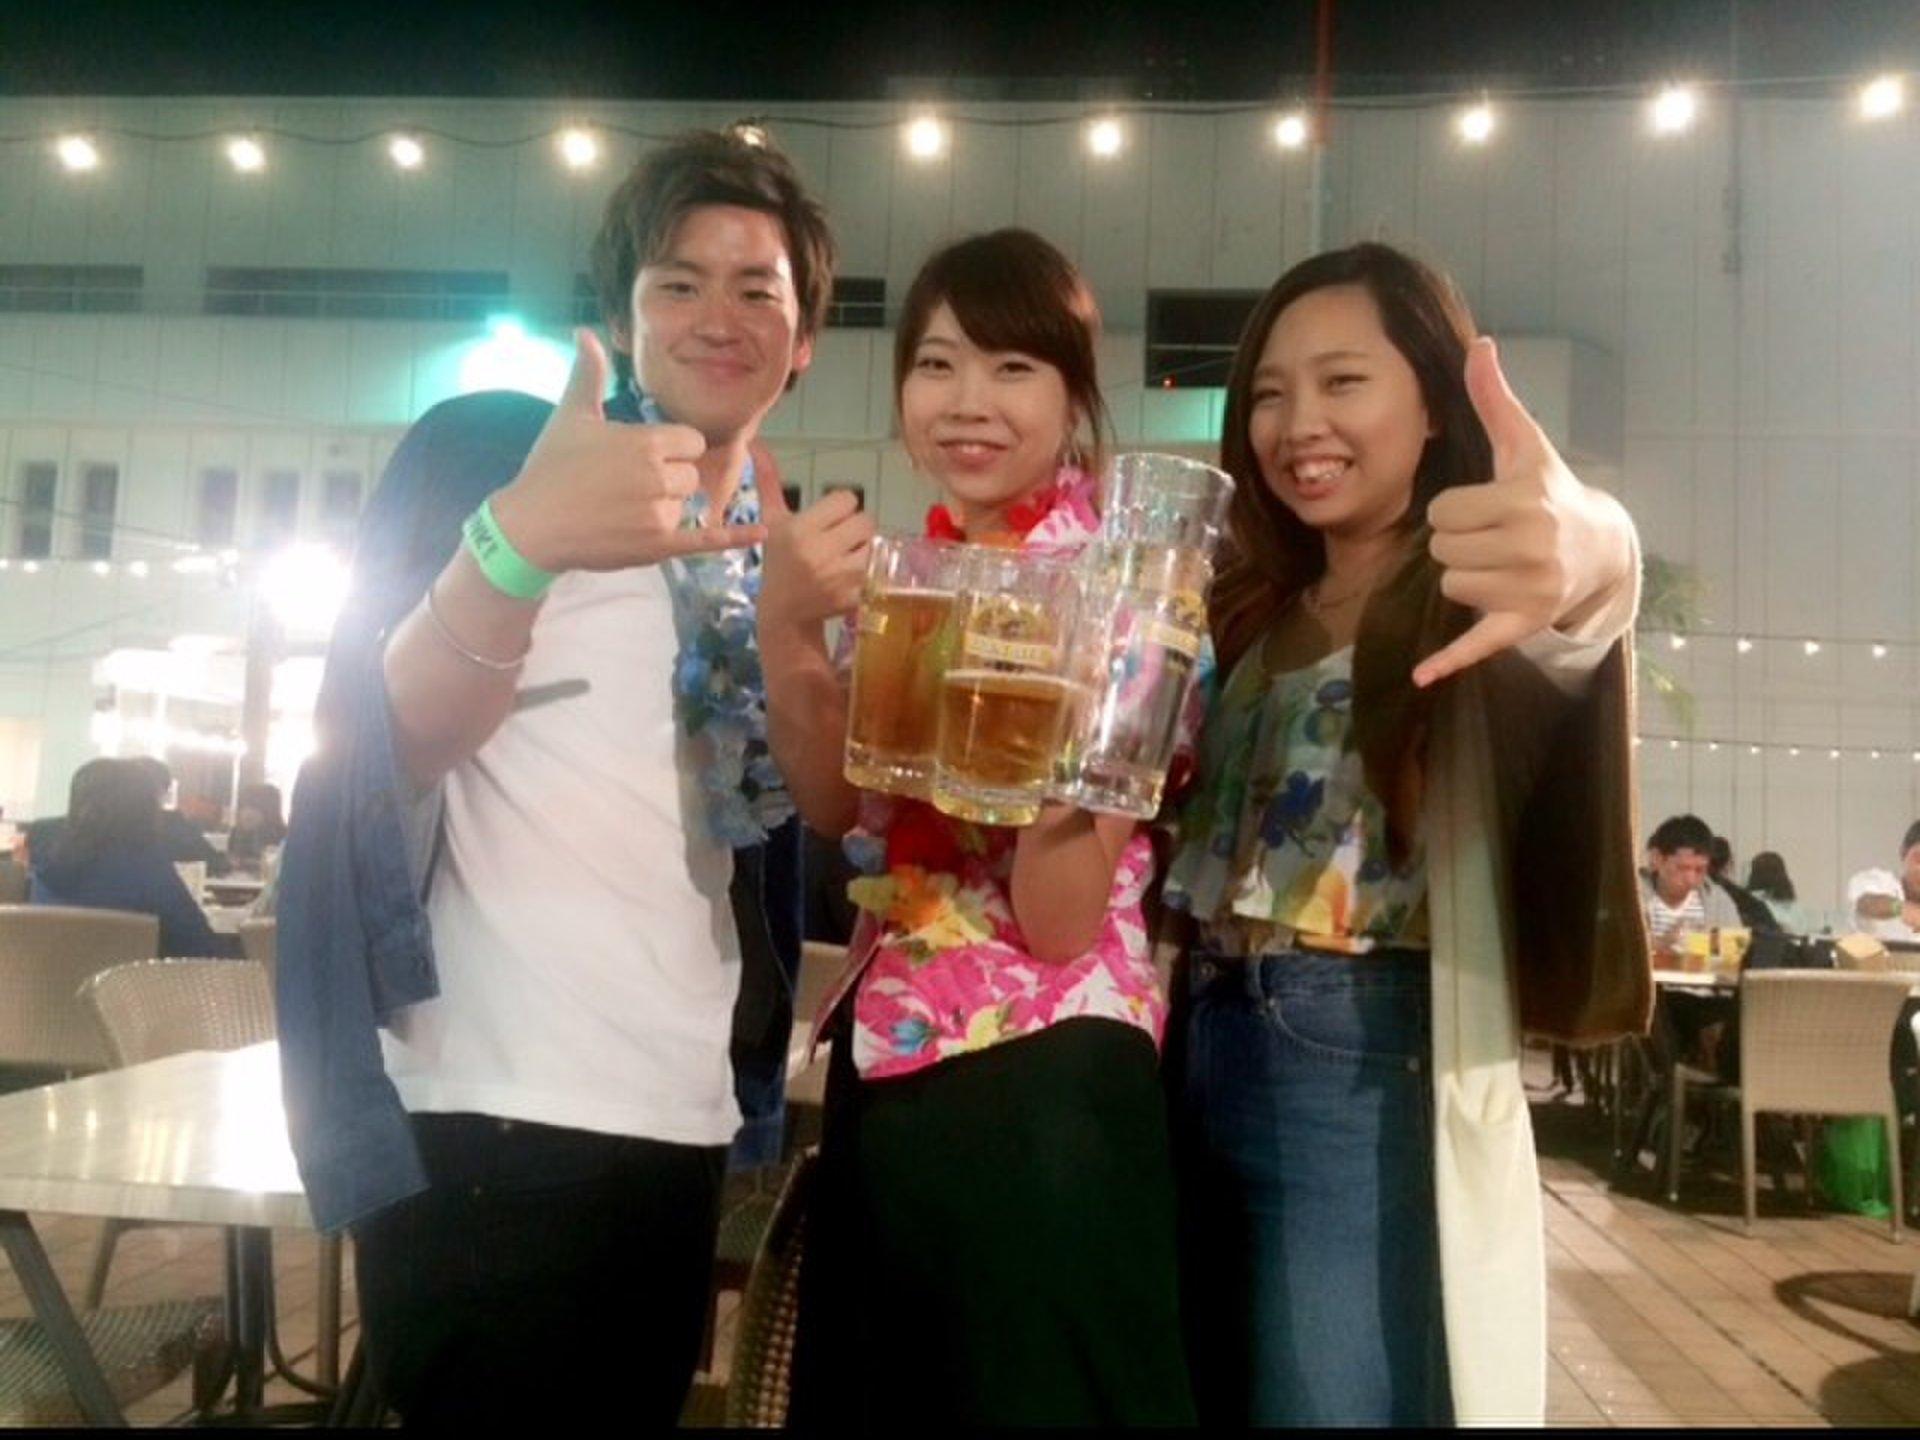 東京都内にあるビアガーデンで一足先に夏を満喫しちゃえ!!!!!暑い夏にはおいしいビールが必要でしょ?